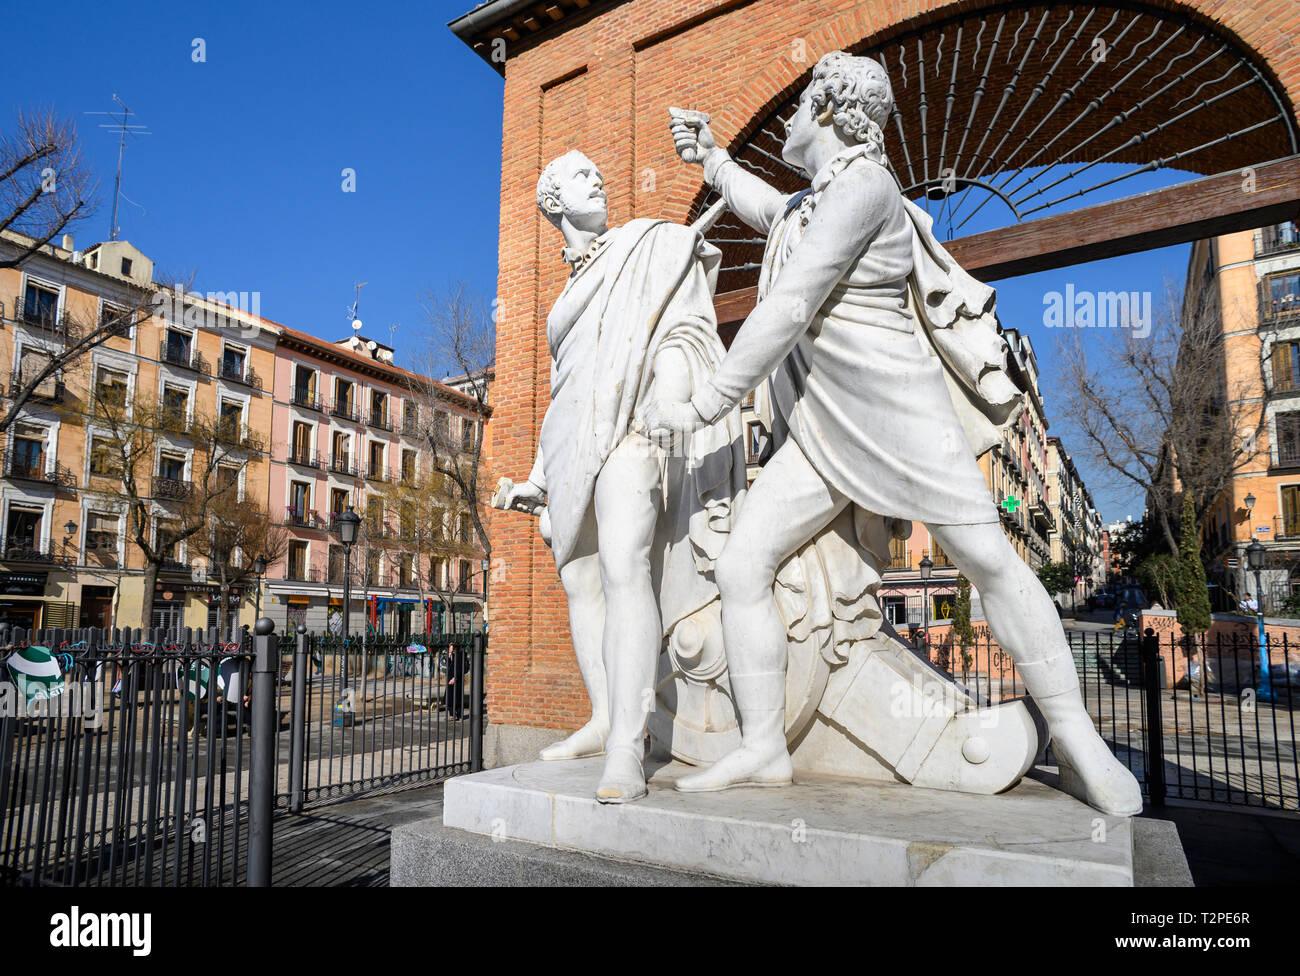 Denkmal für Luis Daoíz und Pedro Velarde, heros der Spanischen Unabhängigkeitskrieg, in der Plaza Dos de Mayo im Herzen des Malasana disrict, cen Stockbild